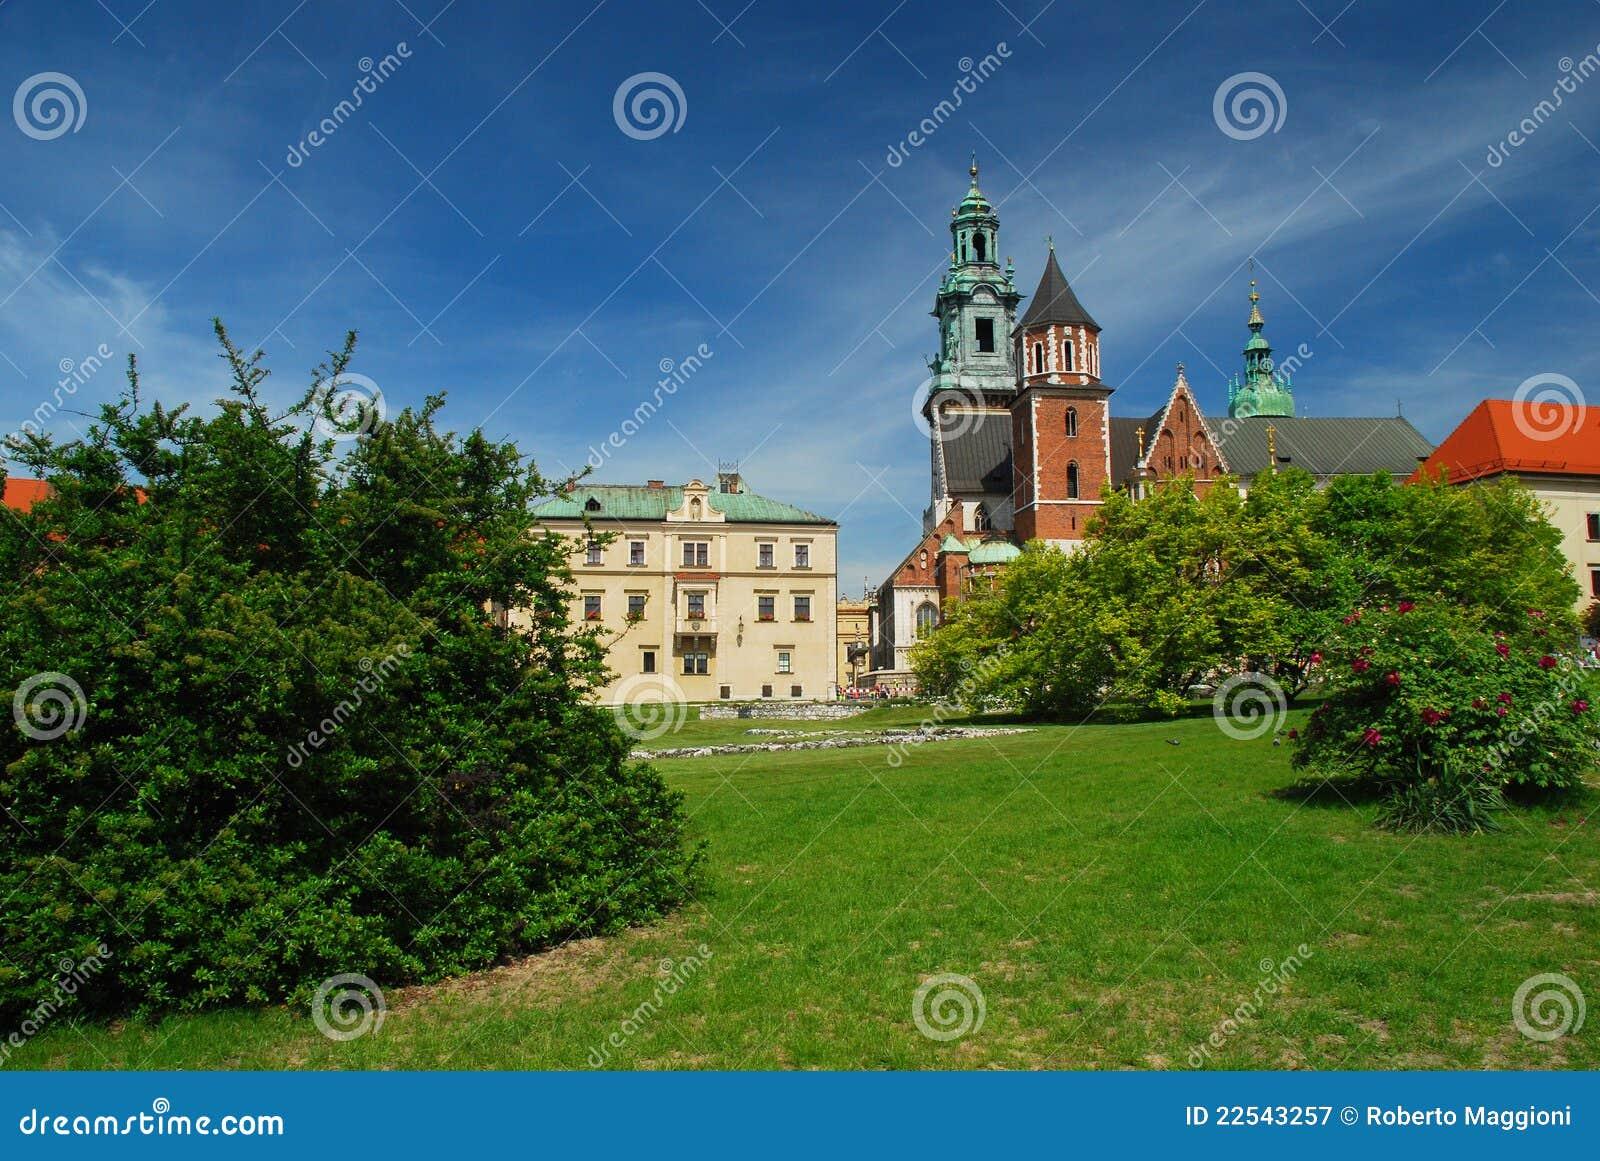 Krakow, Poland. Castelo e catedral de Wawel